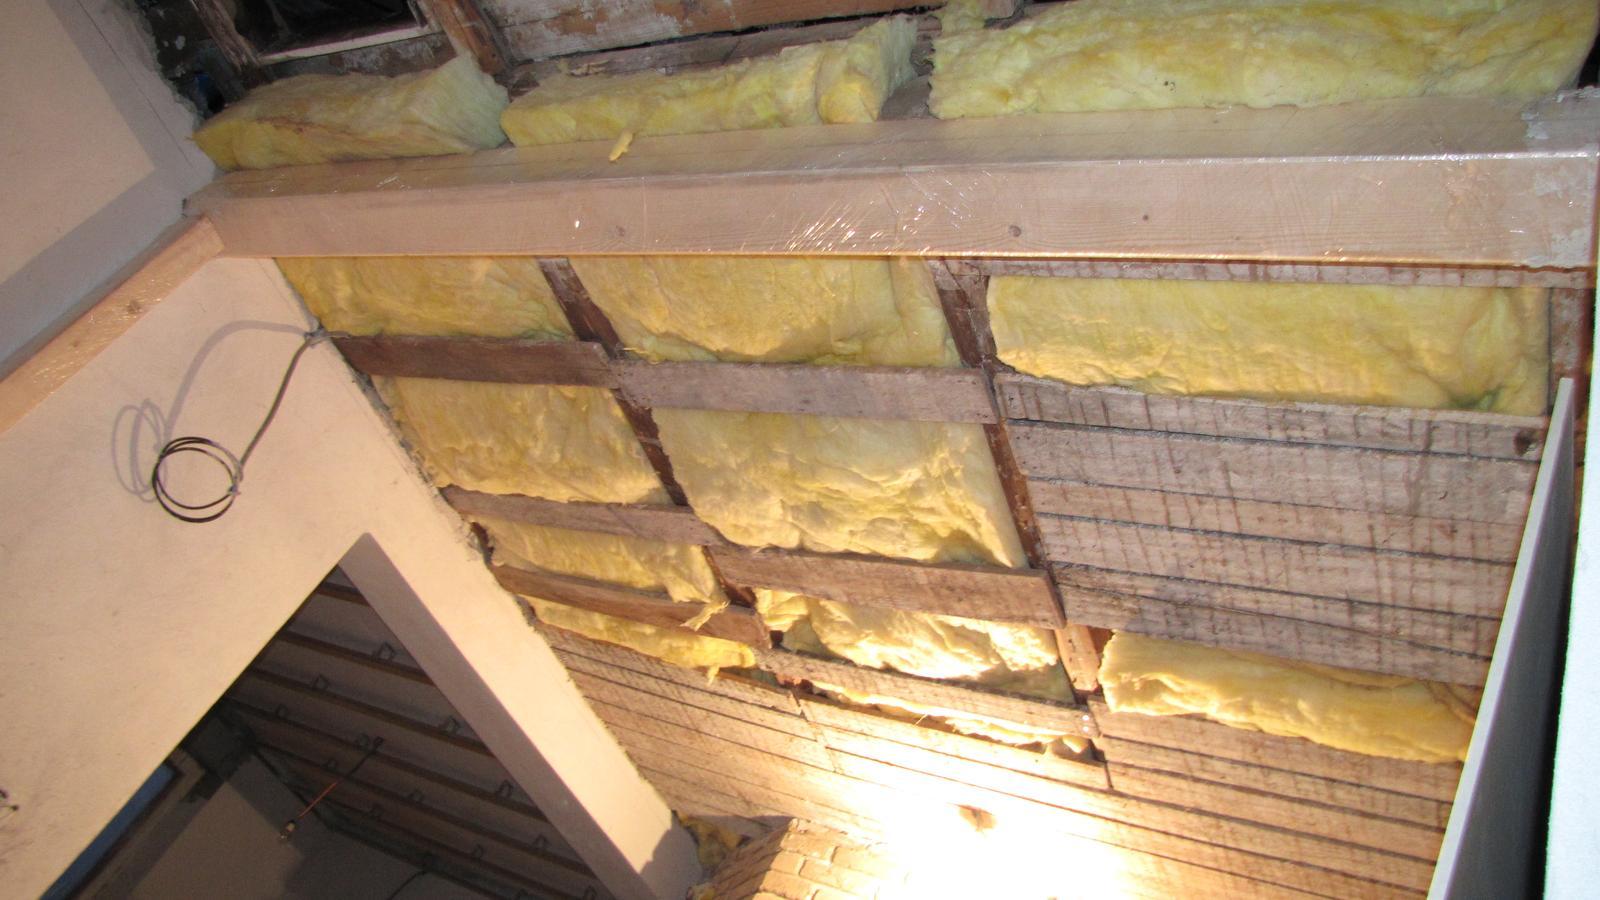 Rekonštrukcia starého domčeka - Zatiaľ 26 cm vaty  ešte na vrch stropu prídám 15 cm polystyrénu.